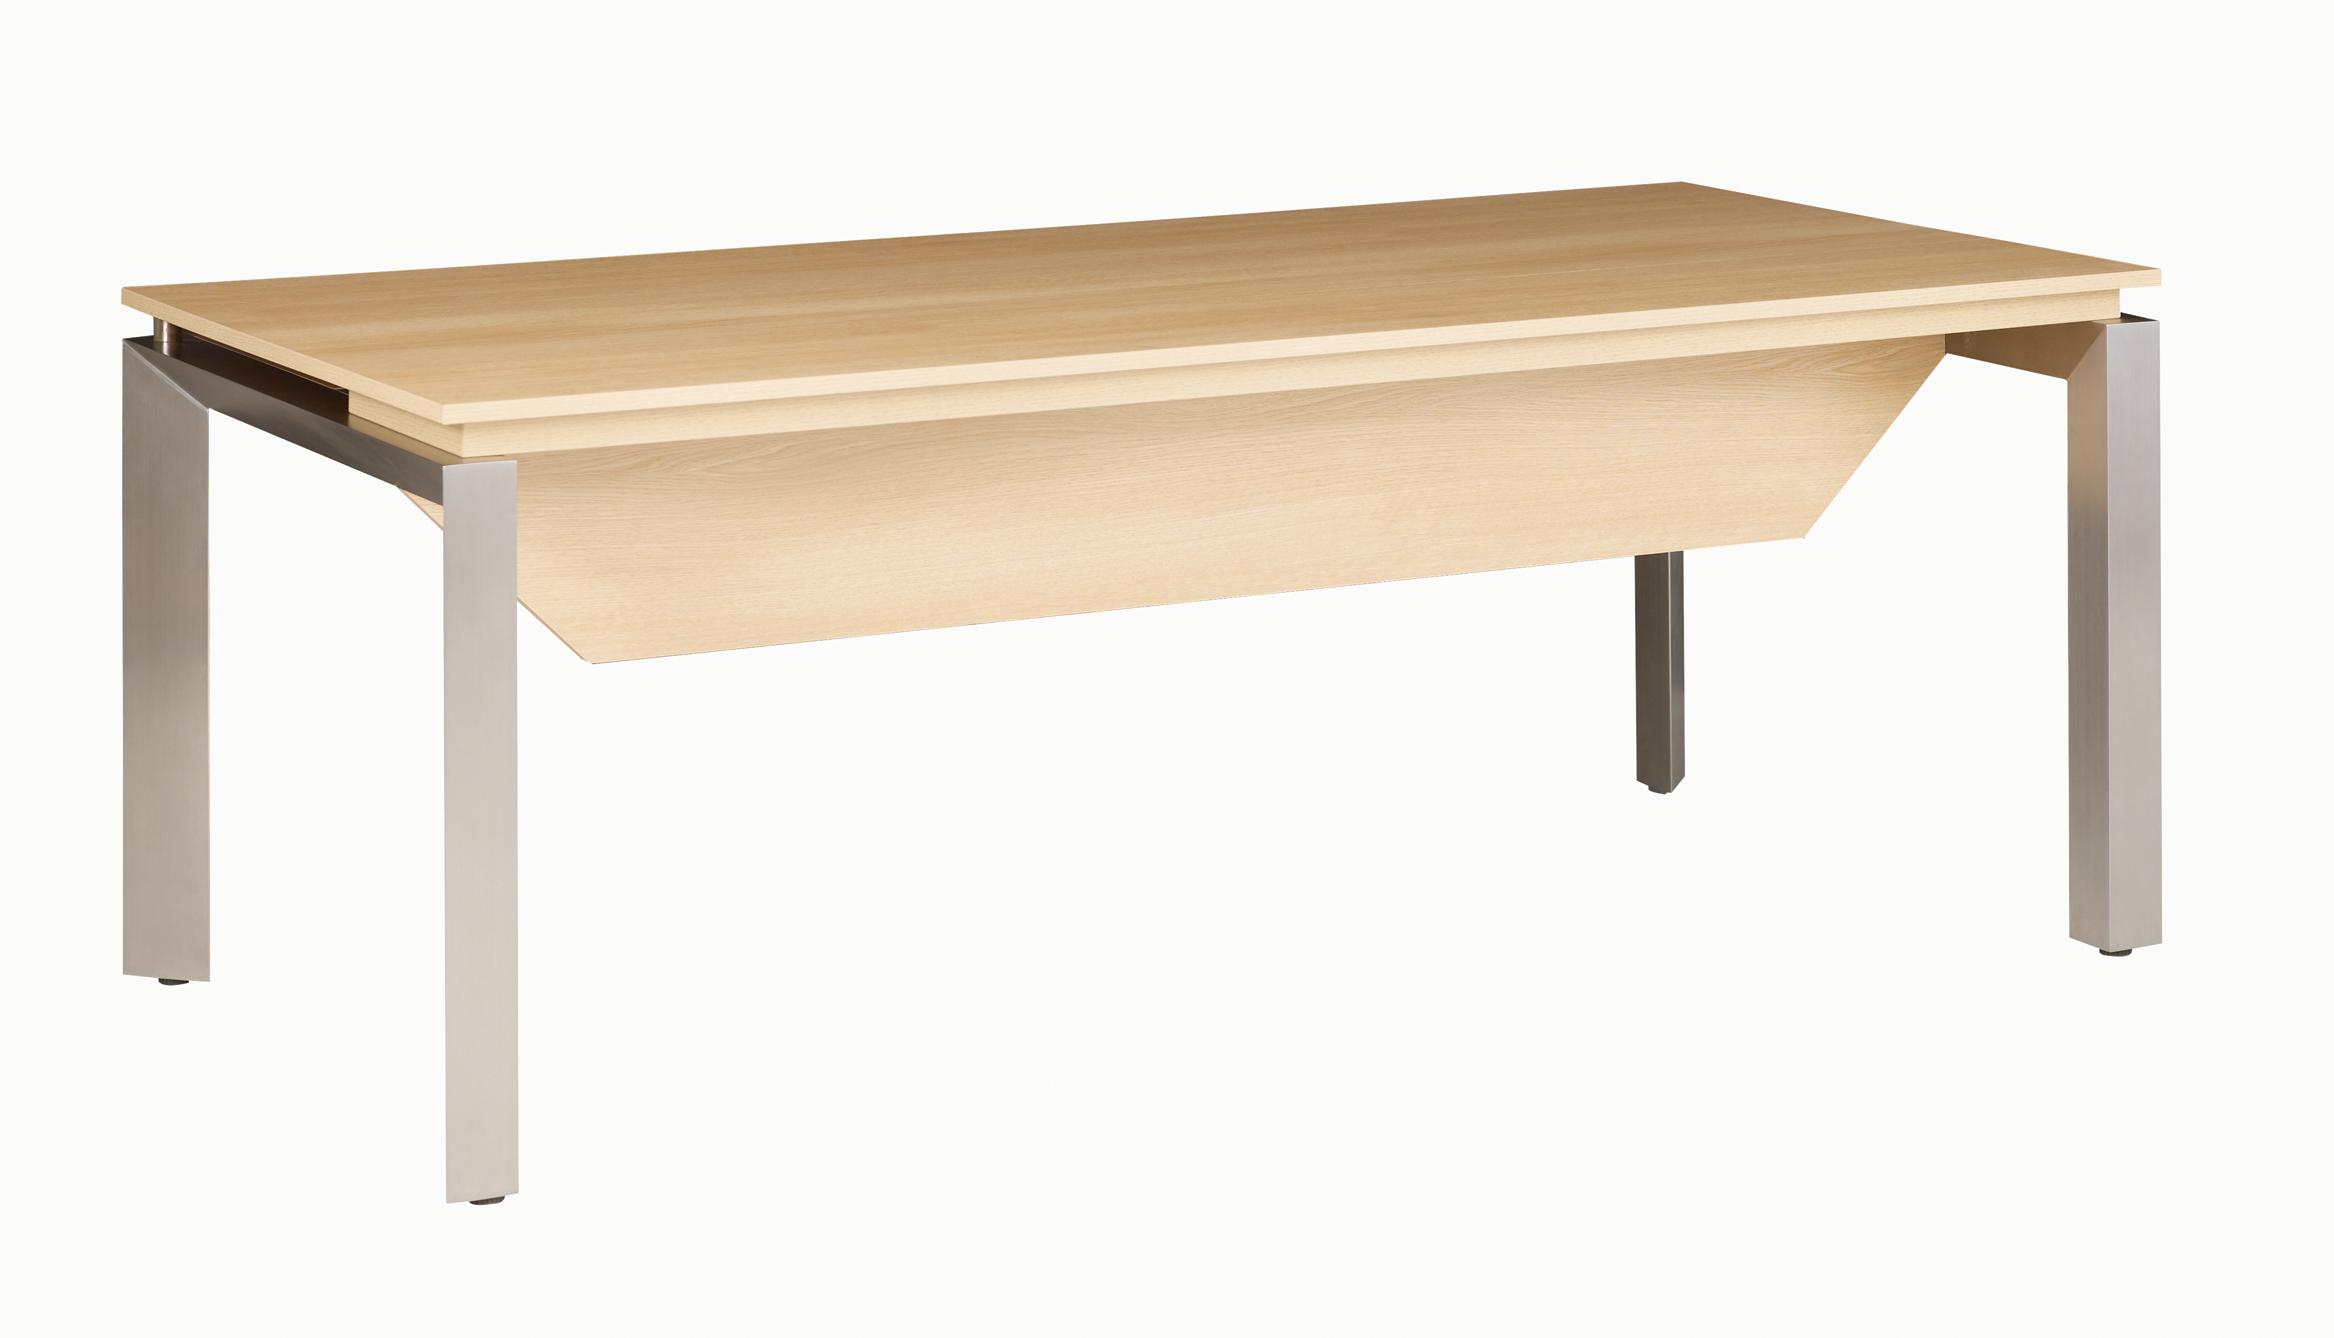 Sliver chÊne bureau bois 190cm voile de fond mobilier de